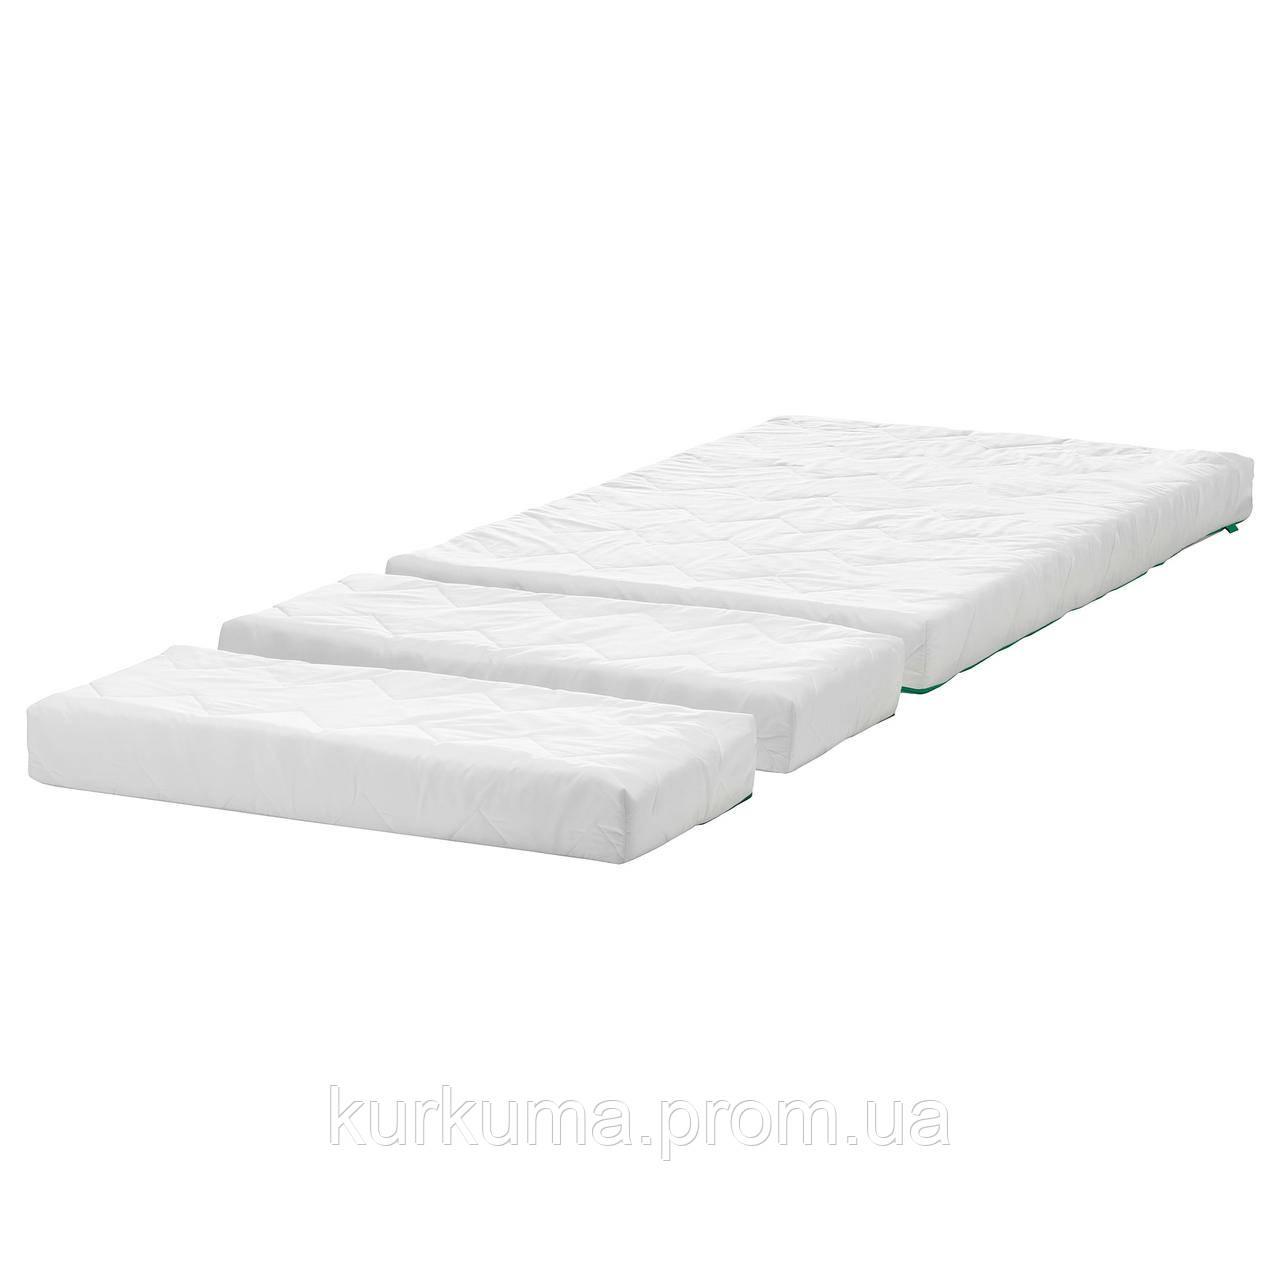 IKEA VIMSIG Поролоновый матрас для раздвижной кровати  (403.393.82)